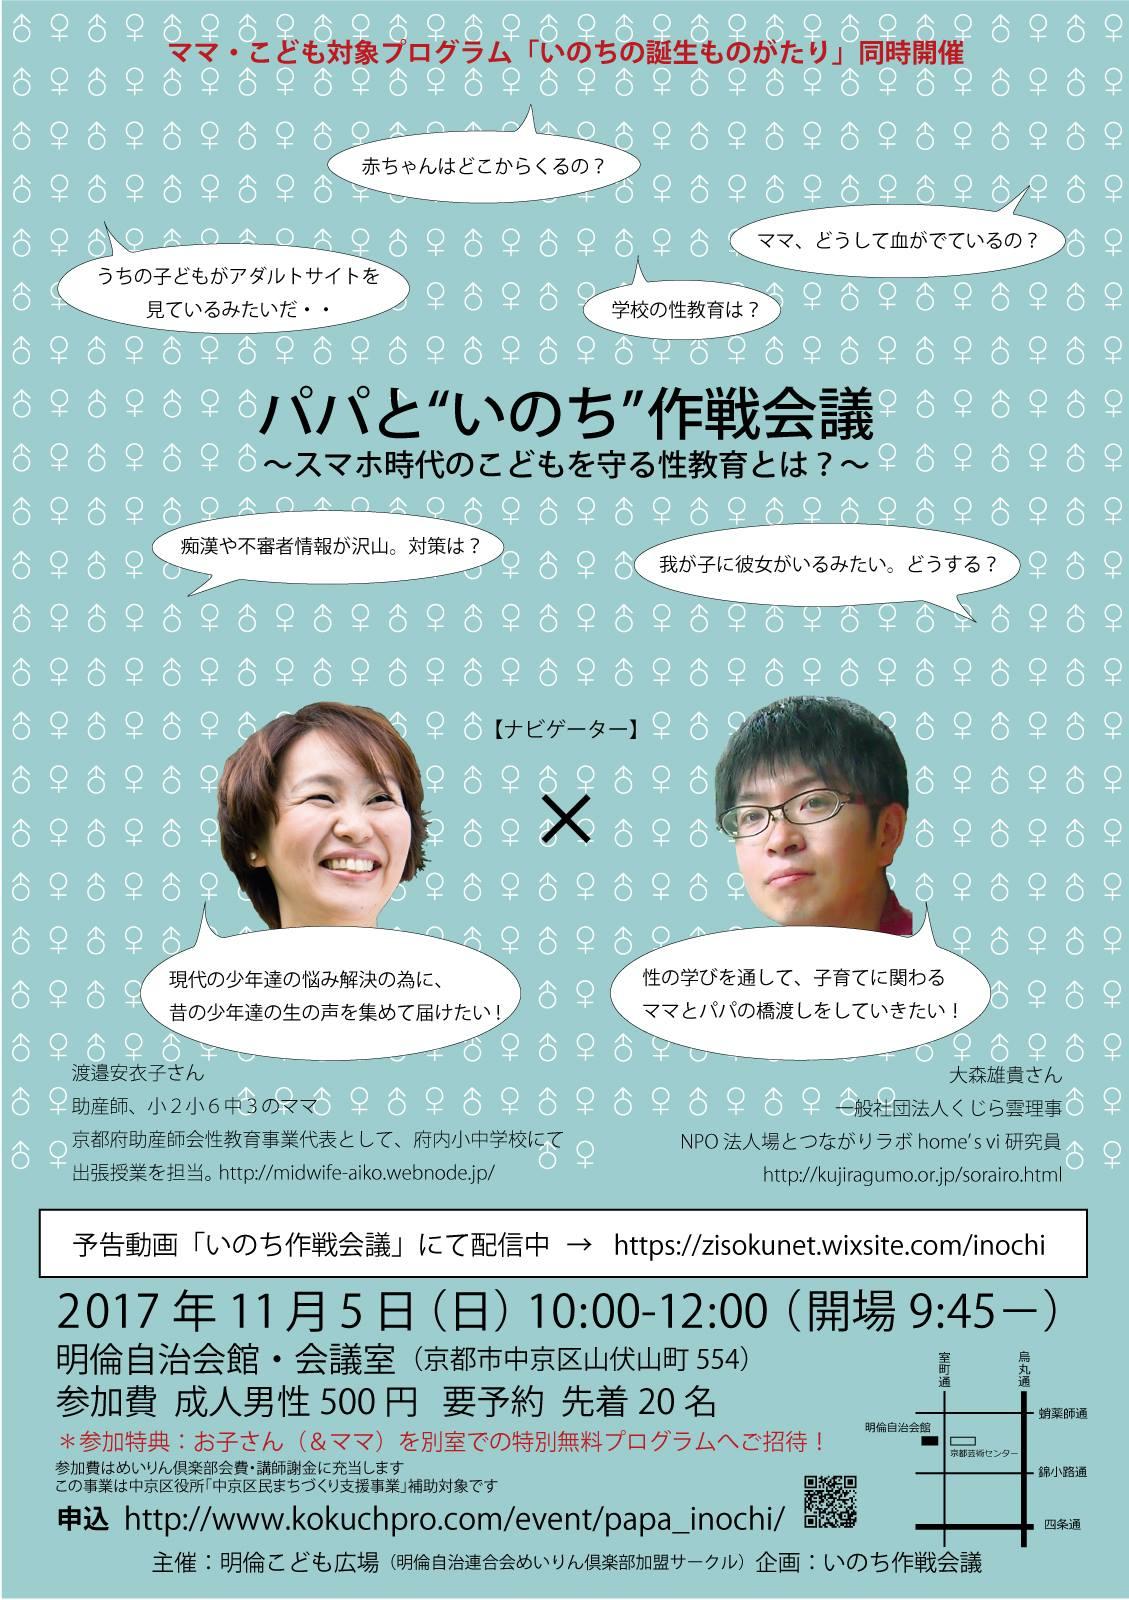 いのちフェス 2017 フライヤー